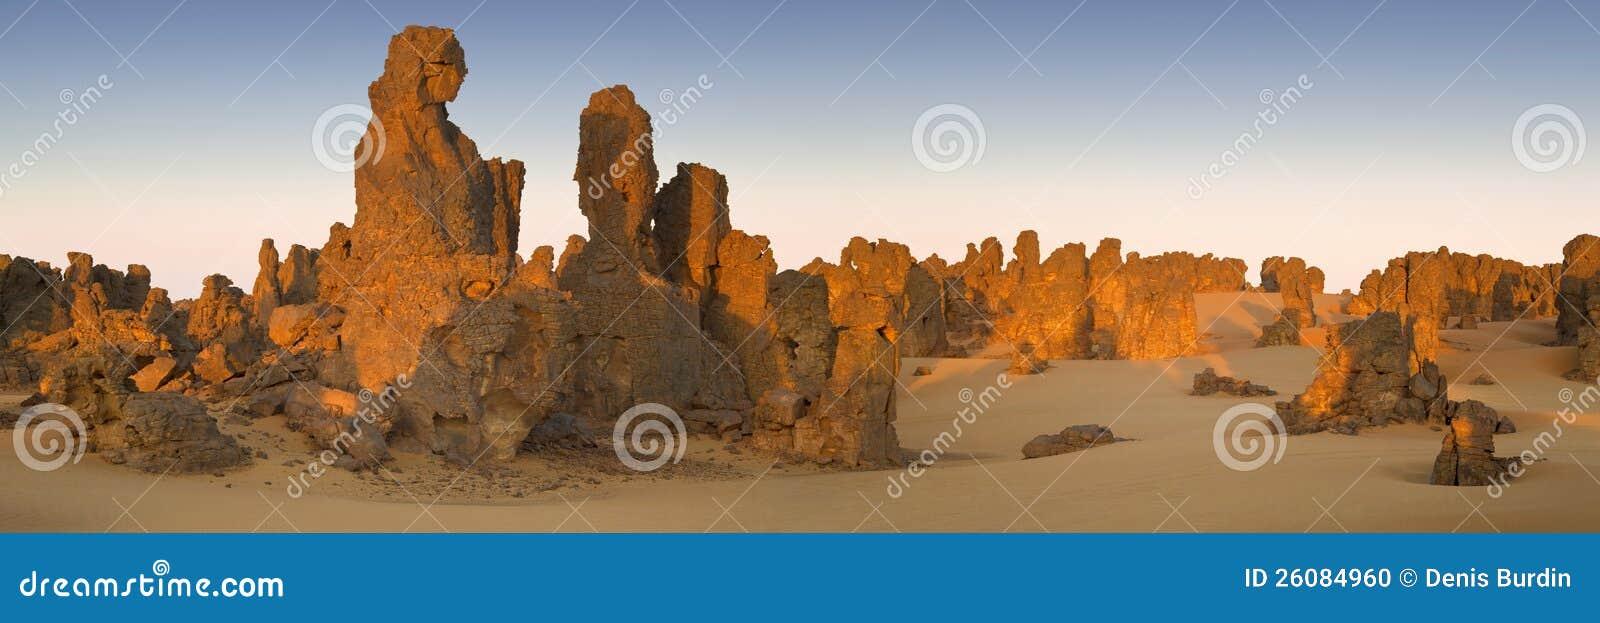 Libysche Wüste